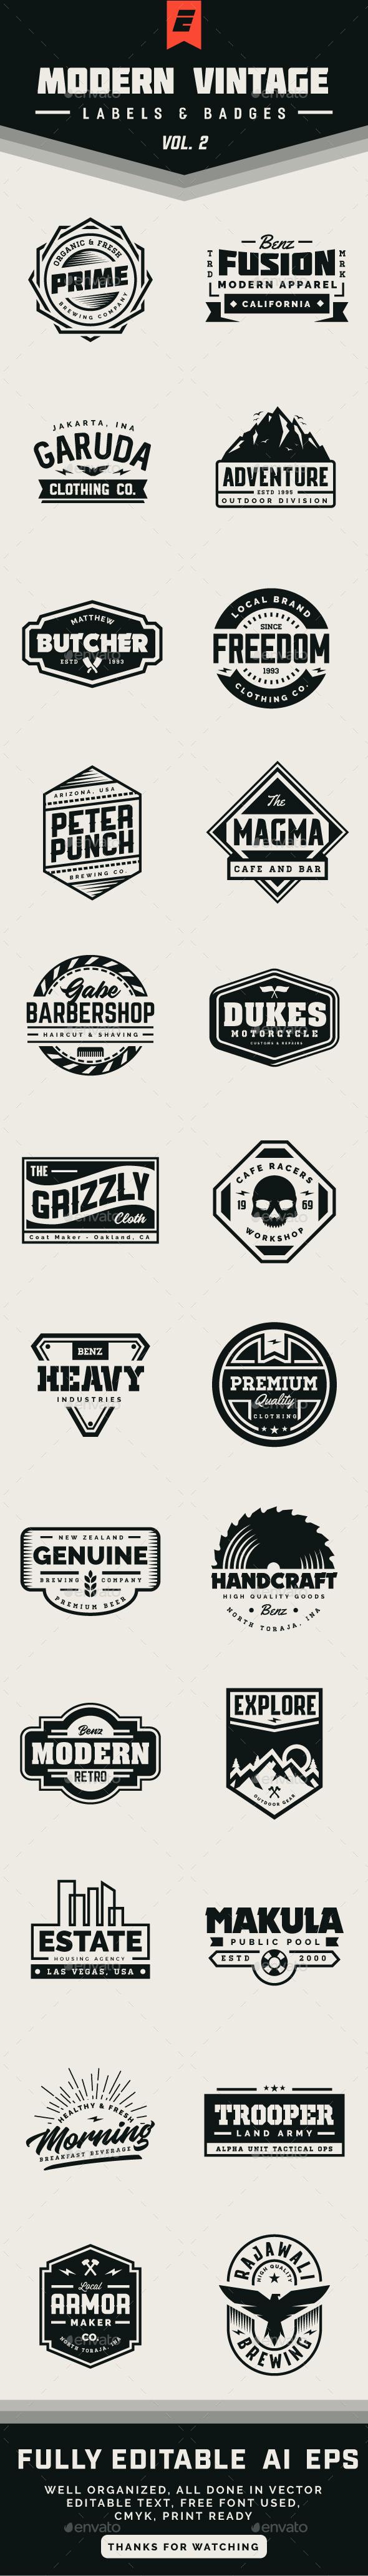 GraphicRiver Modern Vintage Label and Badges Vol 2 21136872